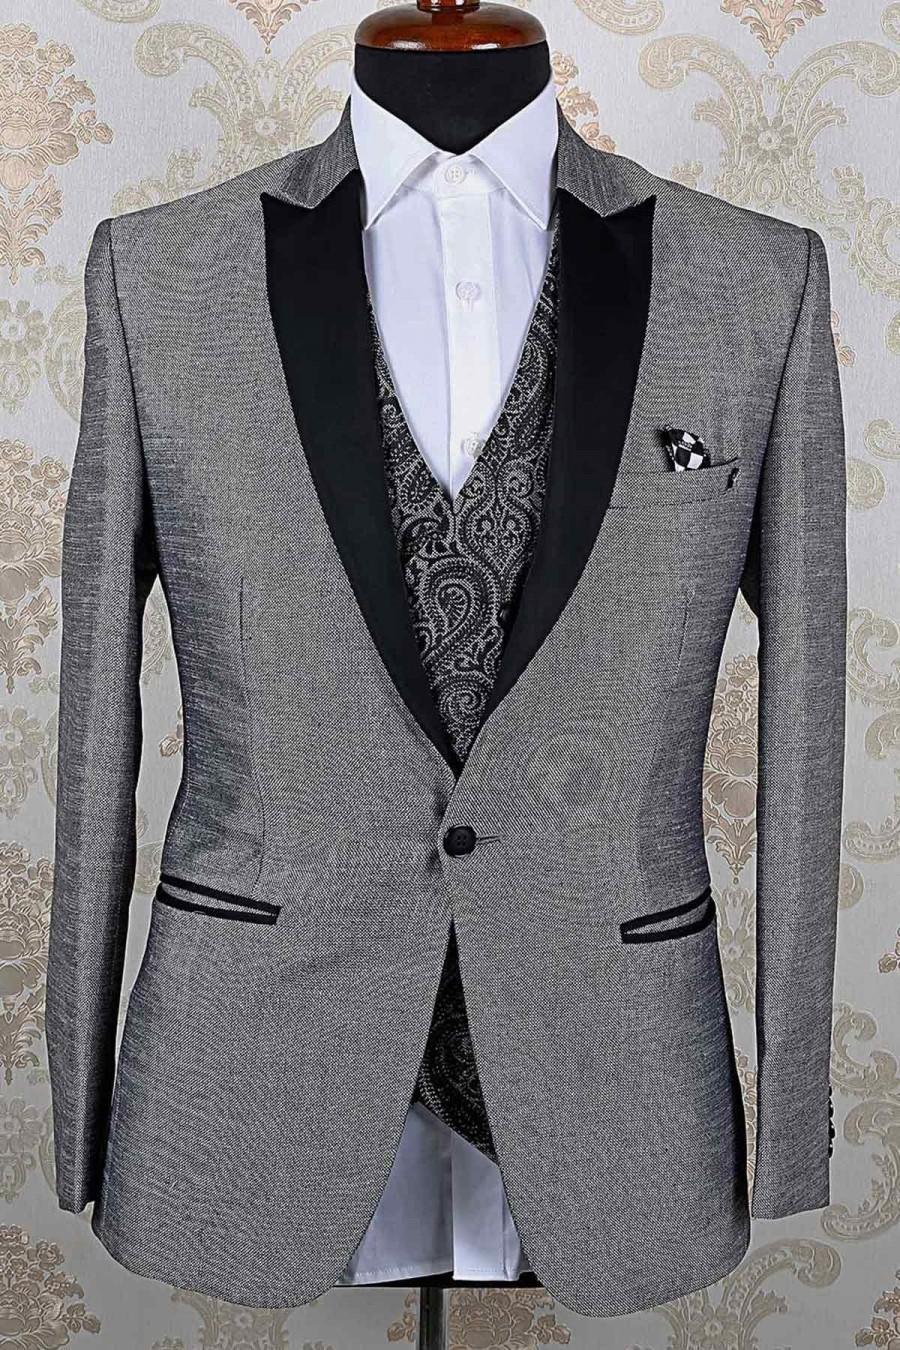 زفاف - Grey & black italian divine slim fit suit with peak lapel